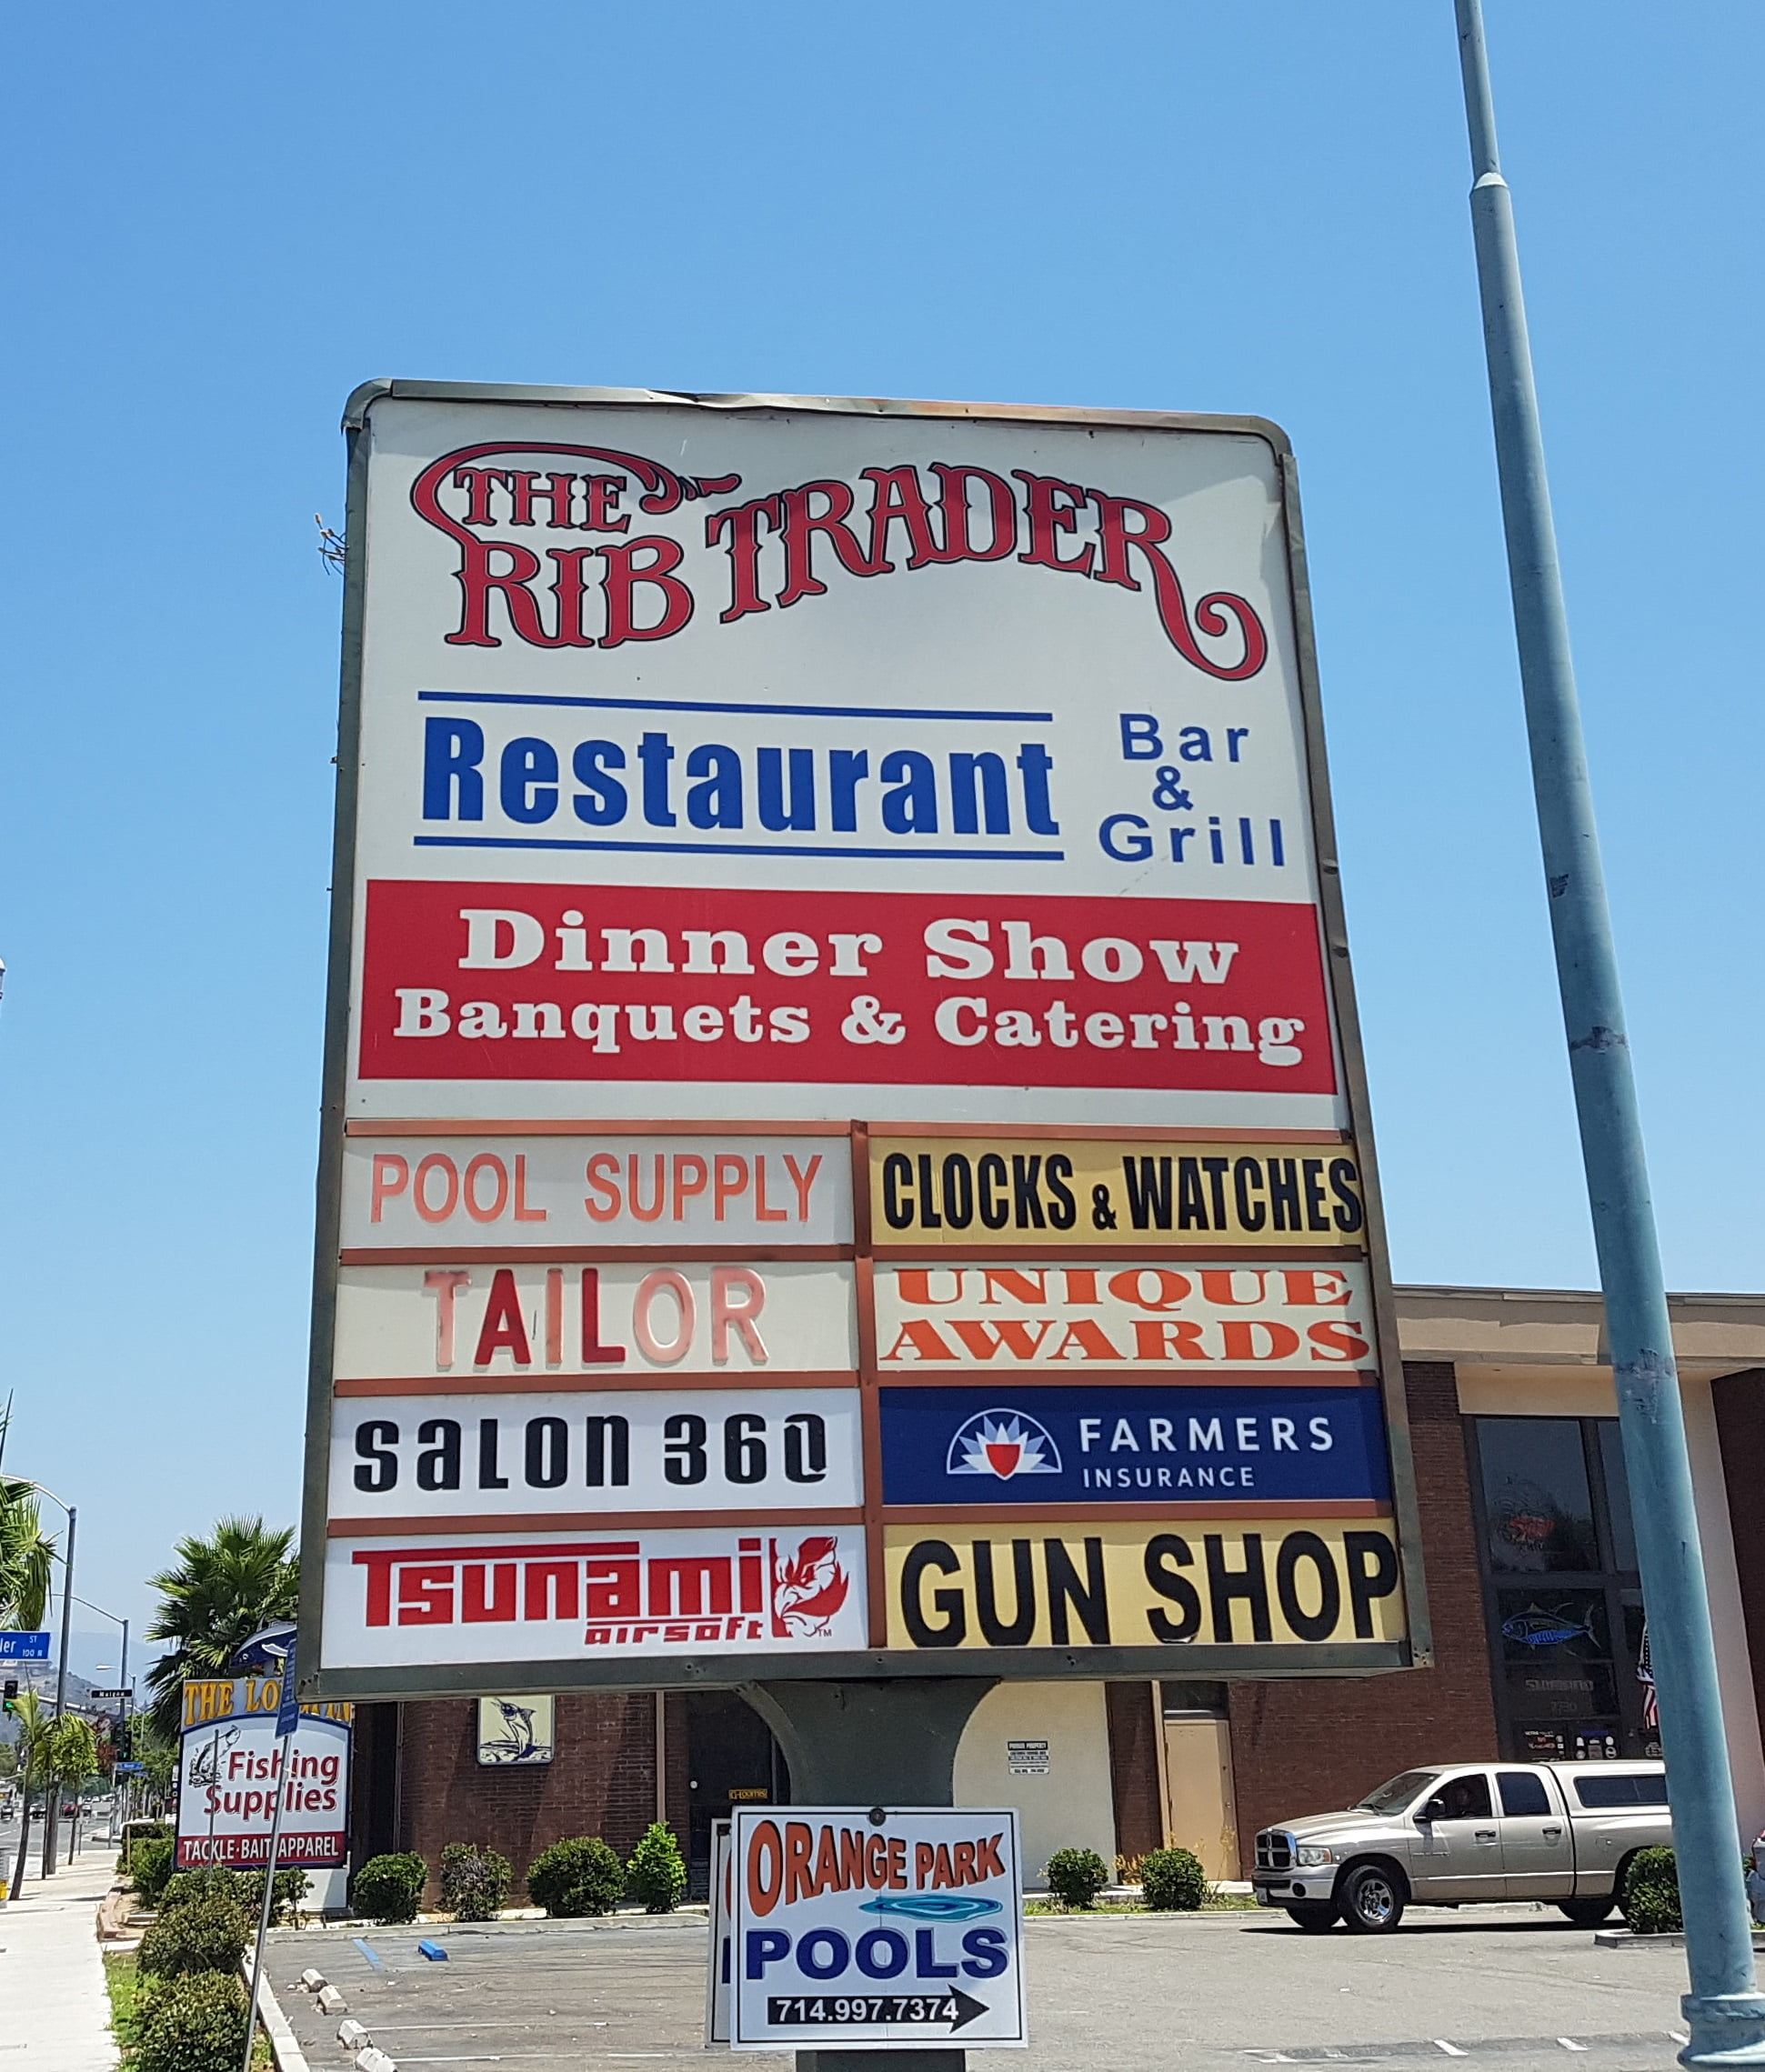 The Rib Trader